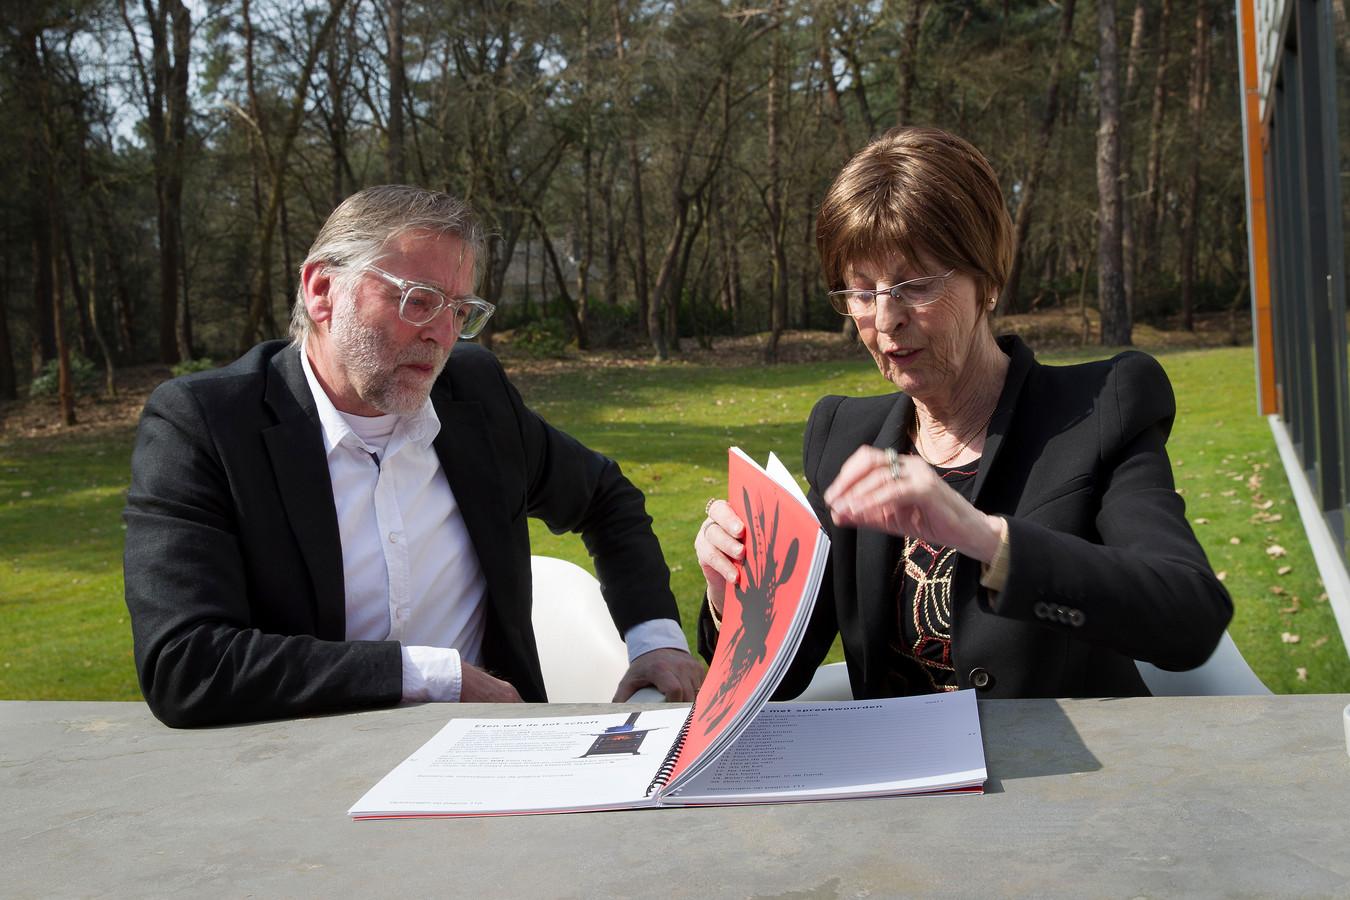 April 2015: broer en zus Piet van Rongen en Ine van Rongen met Het Eerste Bezigboek, geschreven door Ine van Rongen.